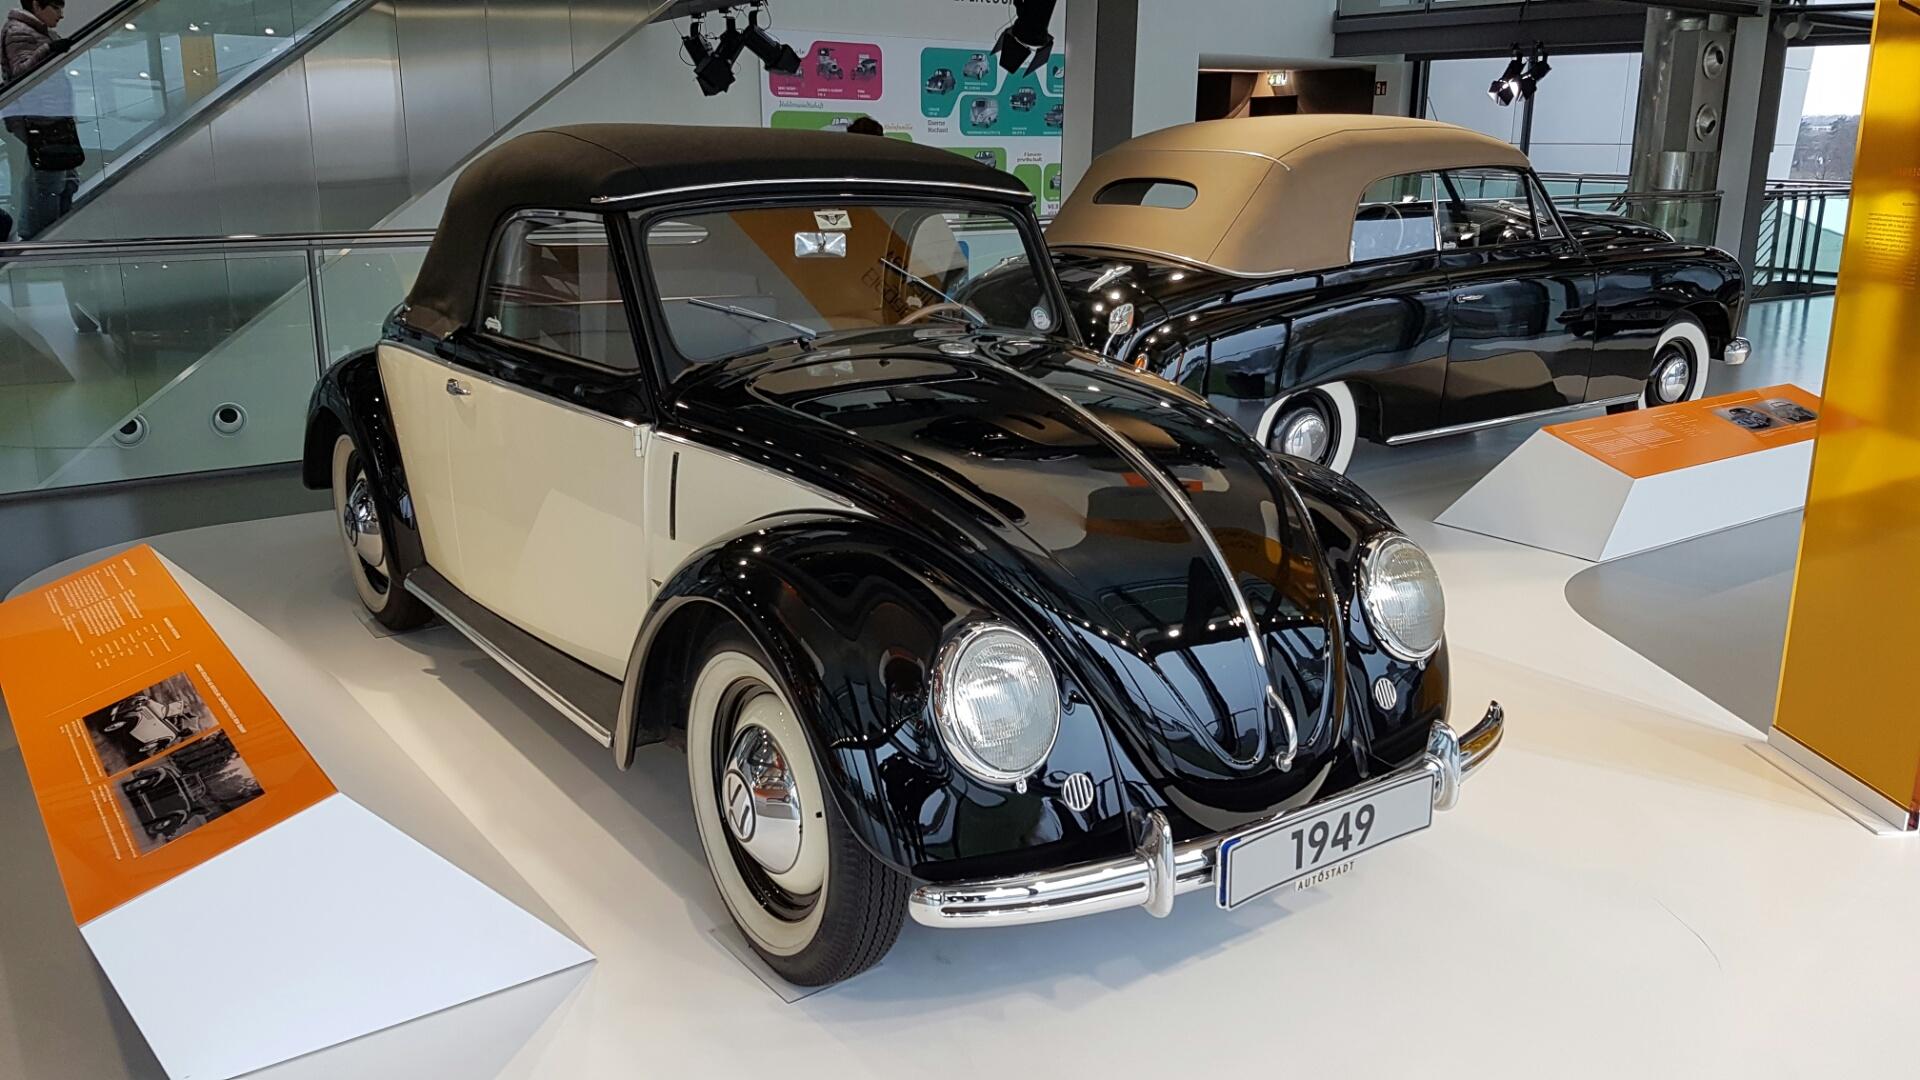 7 Személyes új Autó árak: Nicholas Gabor Waxman: Volkswagen Wolfsburg Autostadt új